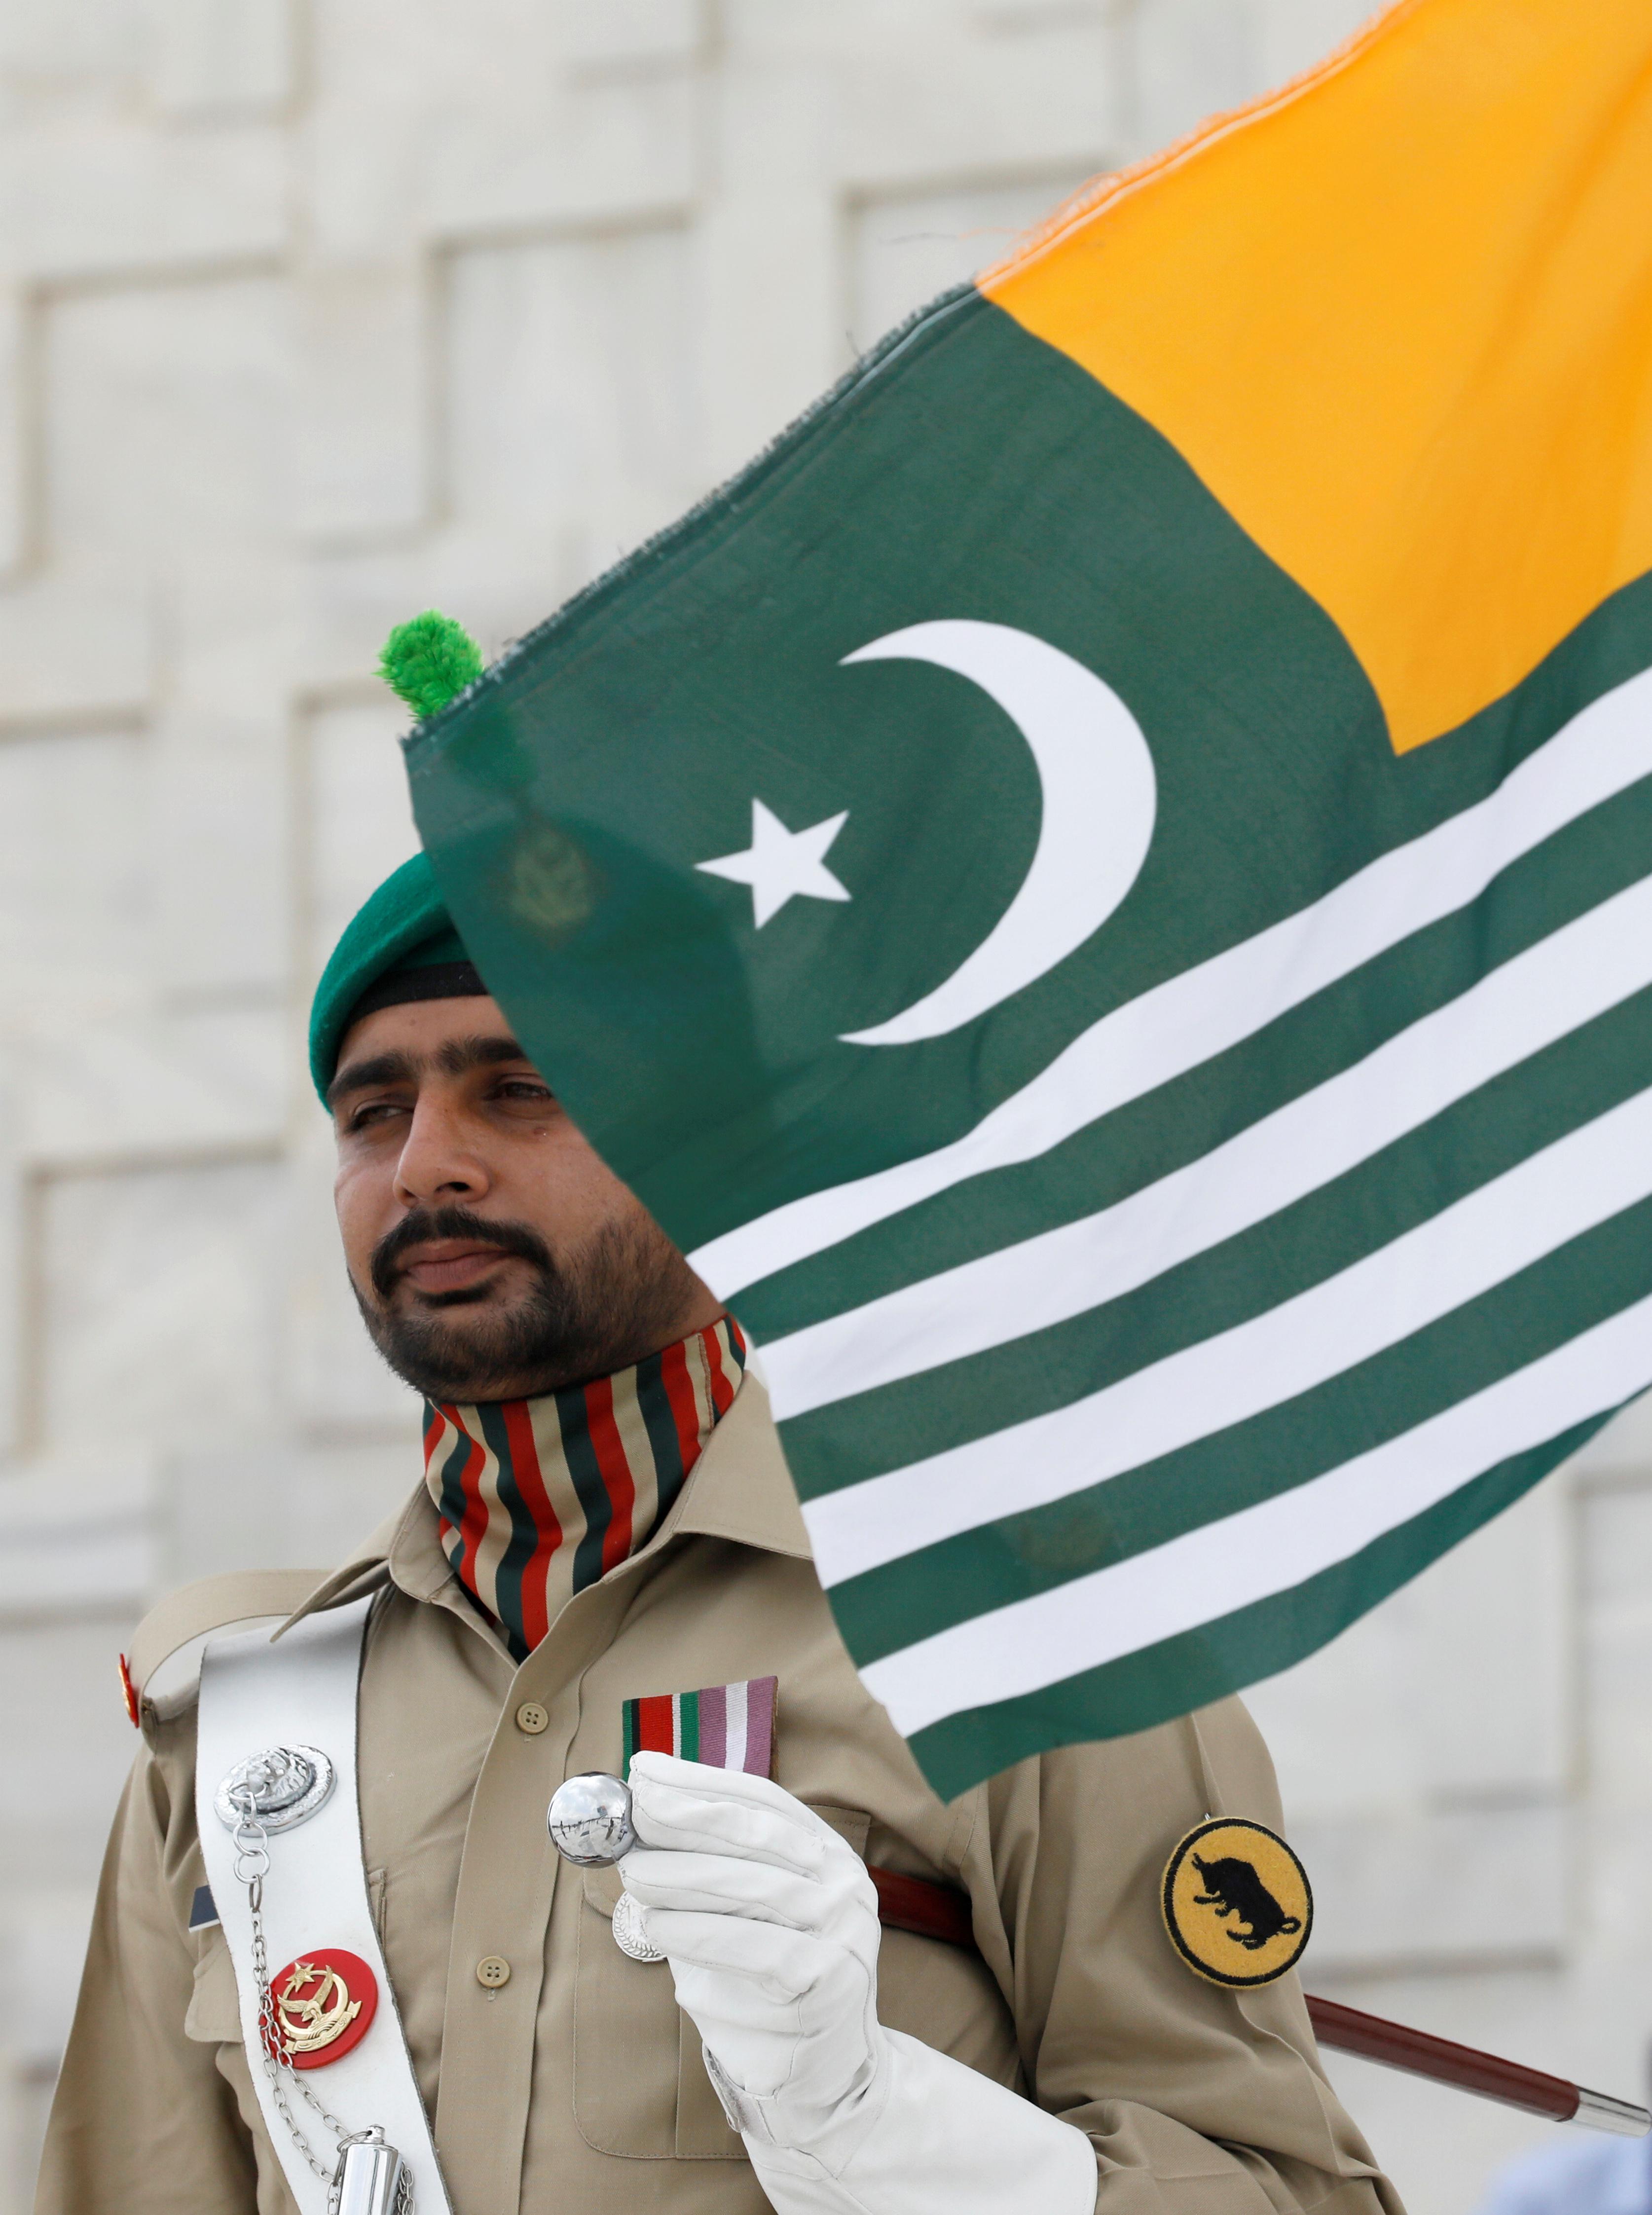 Le Premier ministre pakistanais accuse l'Inde d'avoir planifié une action militaire au Cachemire